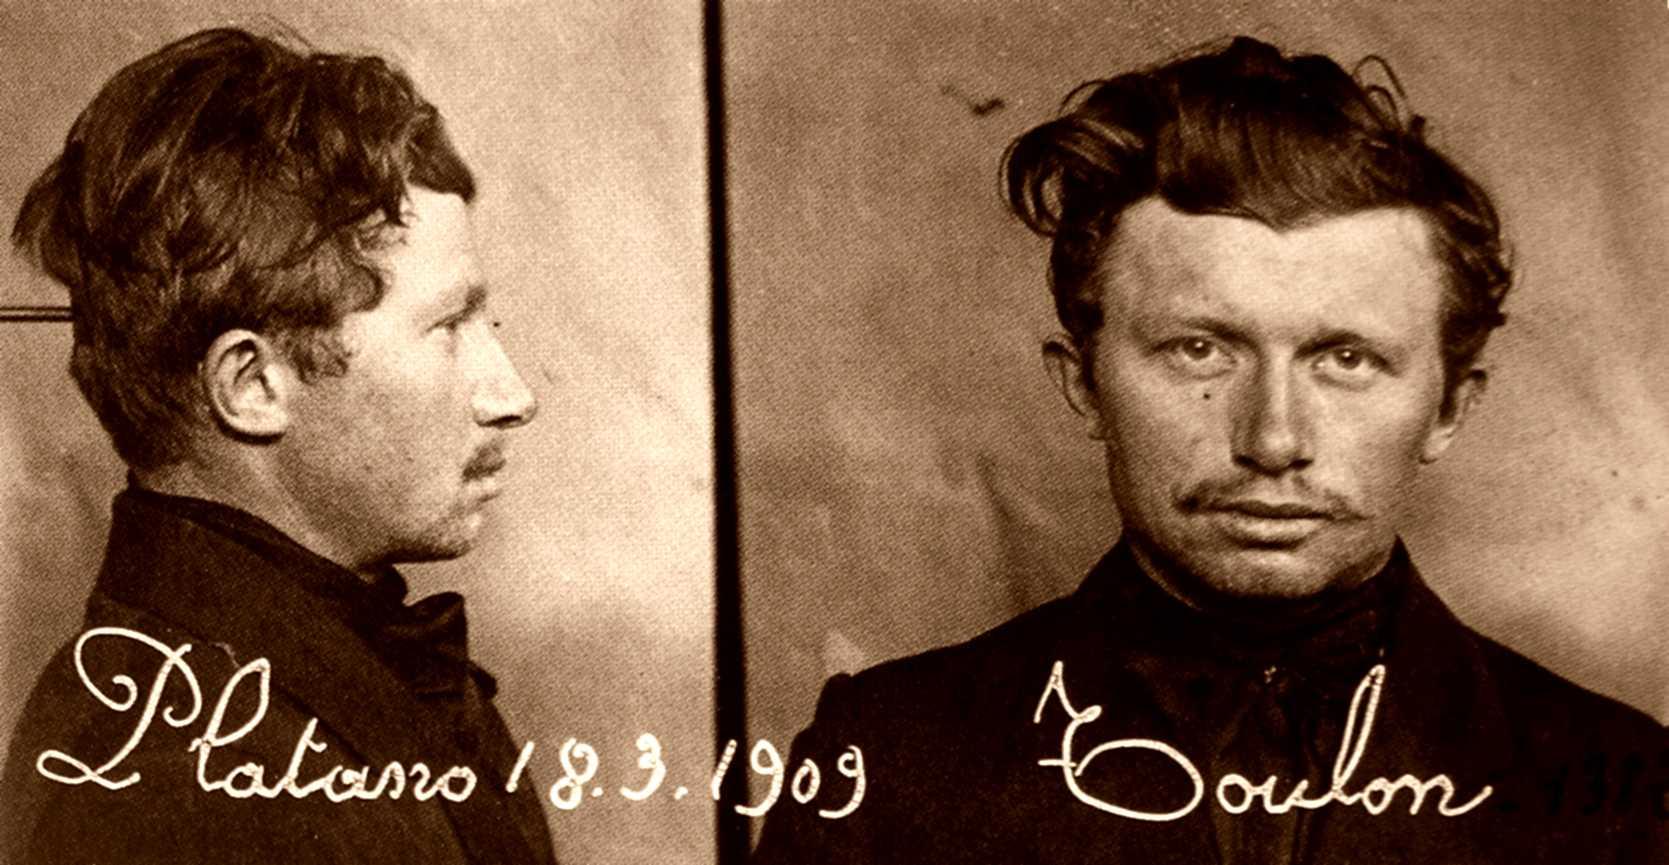 Fotografia antropomètrica de Giuseppe Sorrentino (18 de març de 1909)